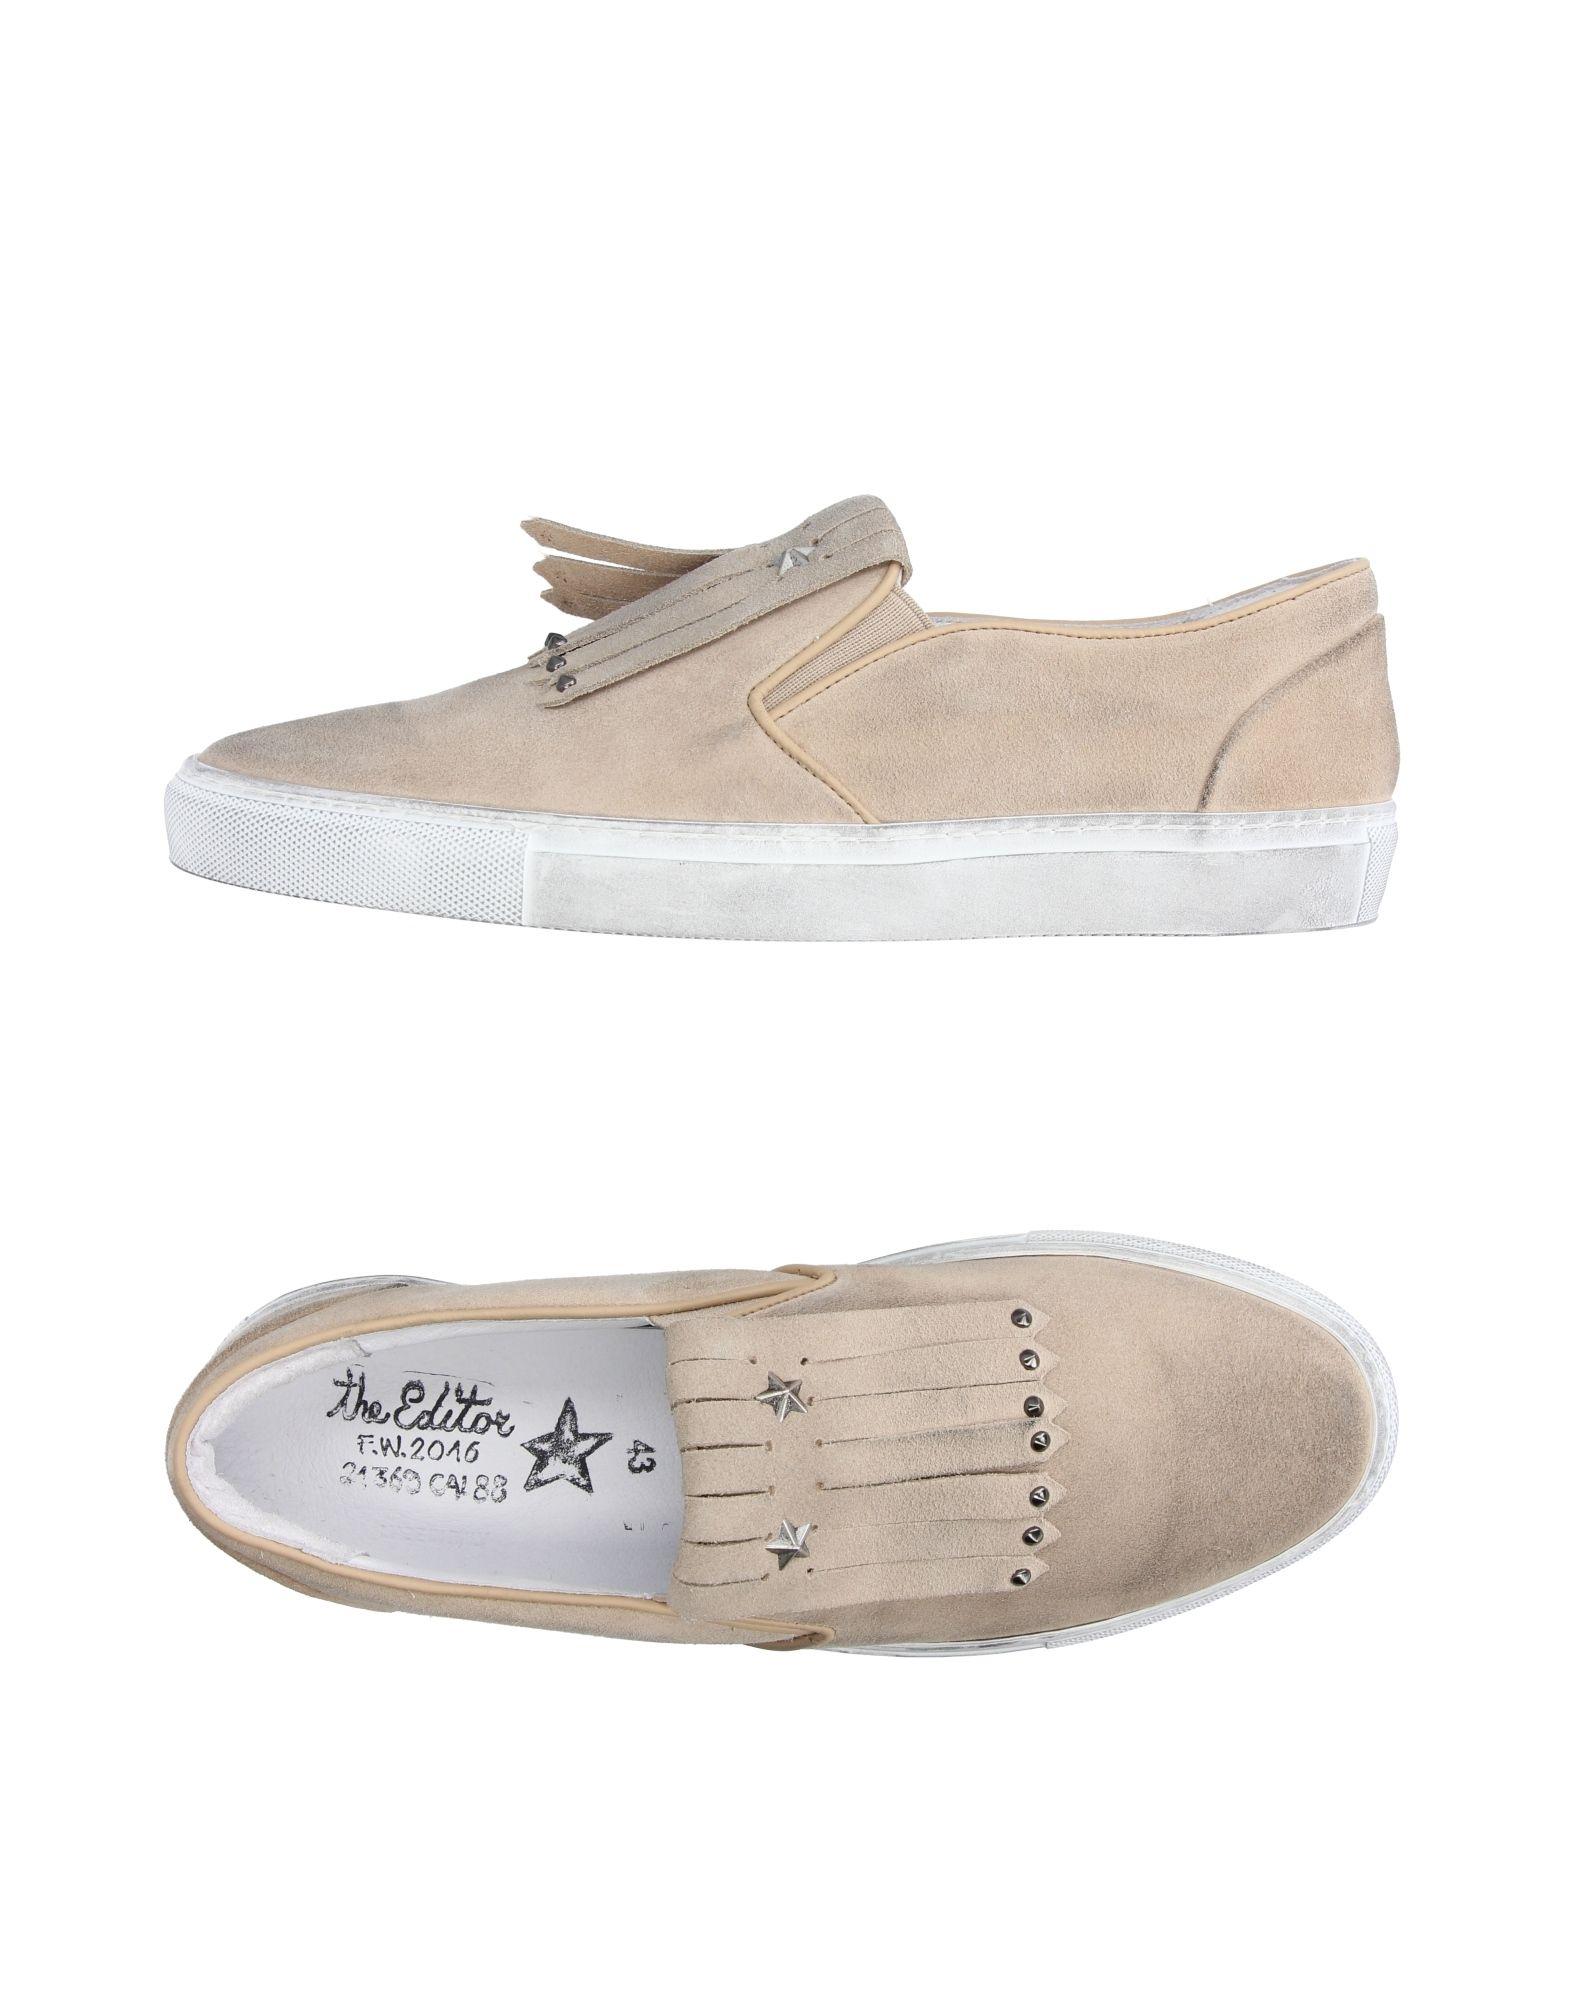 Rabatt echte Schuhe Herren The Editor Sneakers Herren Schuhe  11203759NE 548d1c